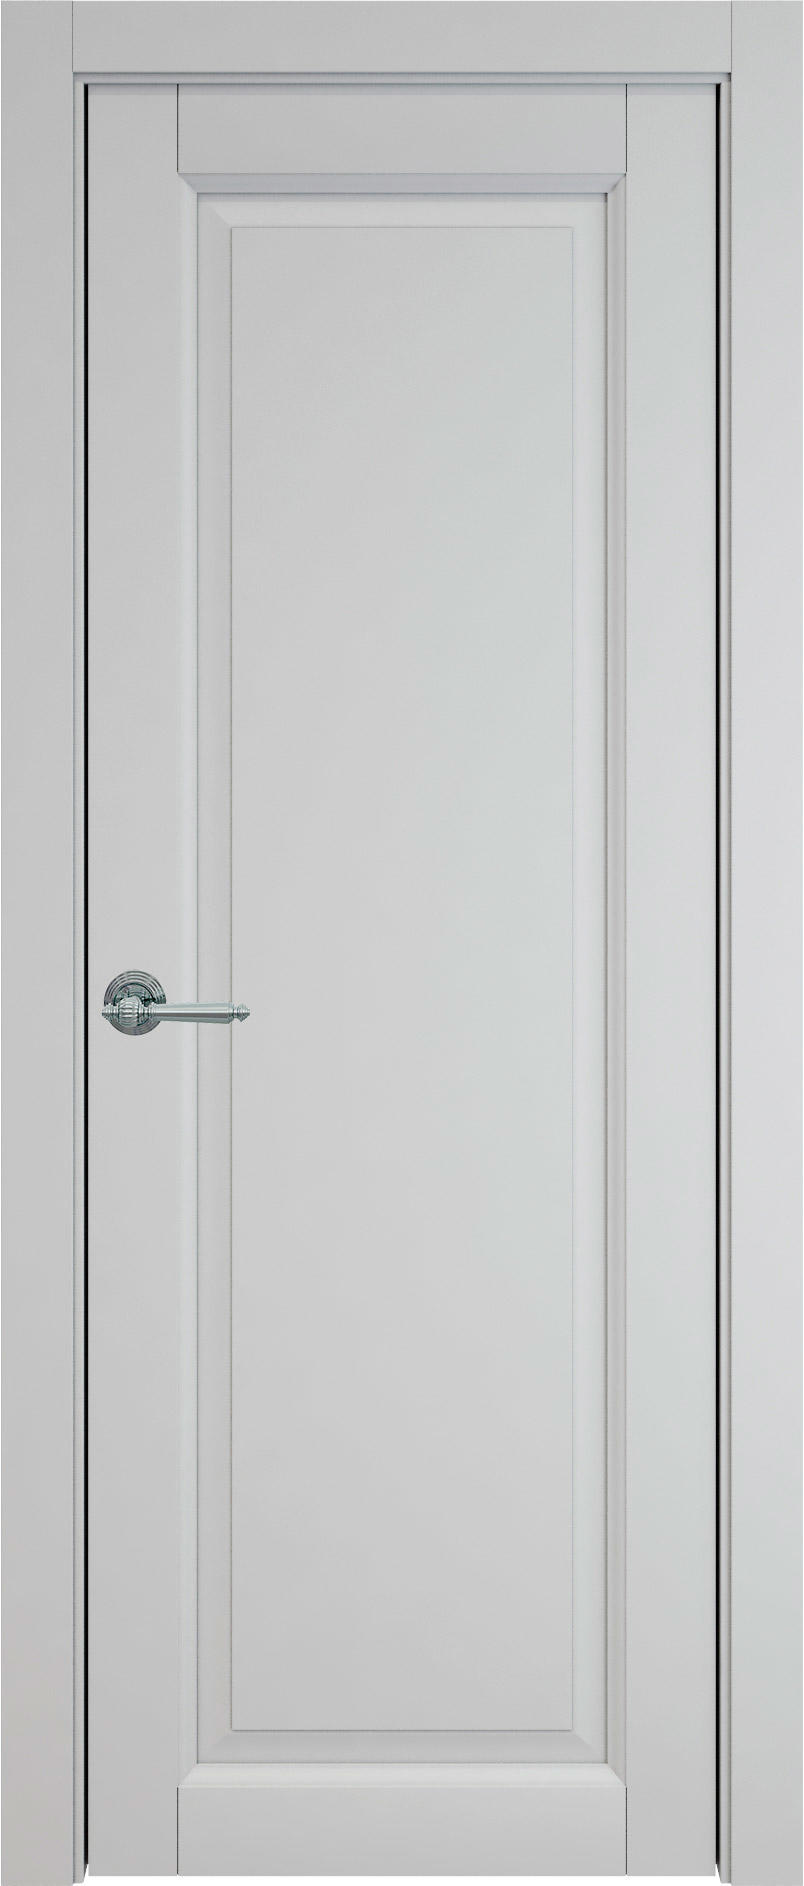 Domenica цвет - Серая эмаль (RAL 7047) Без стекла (ДГ)